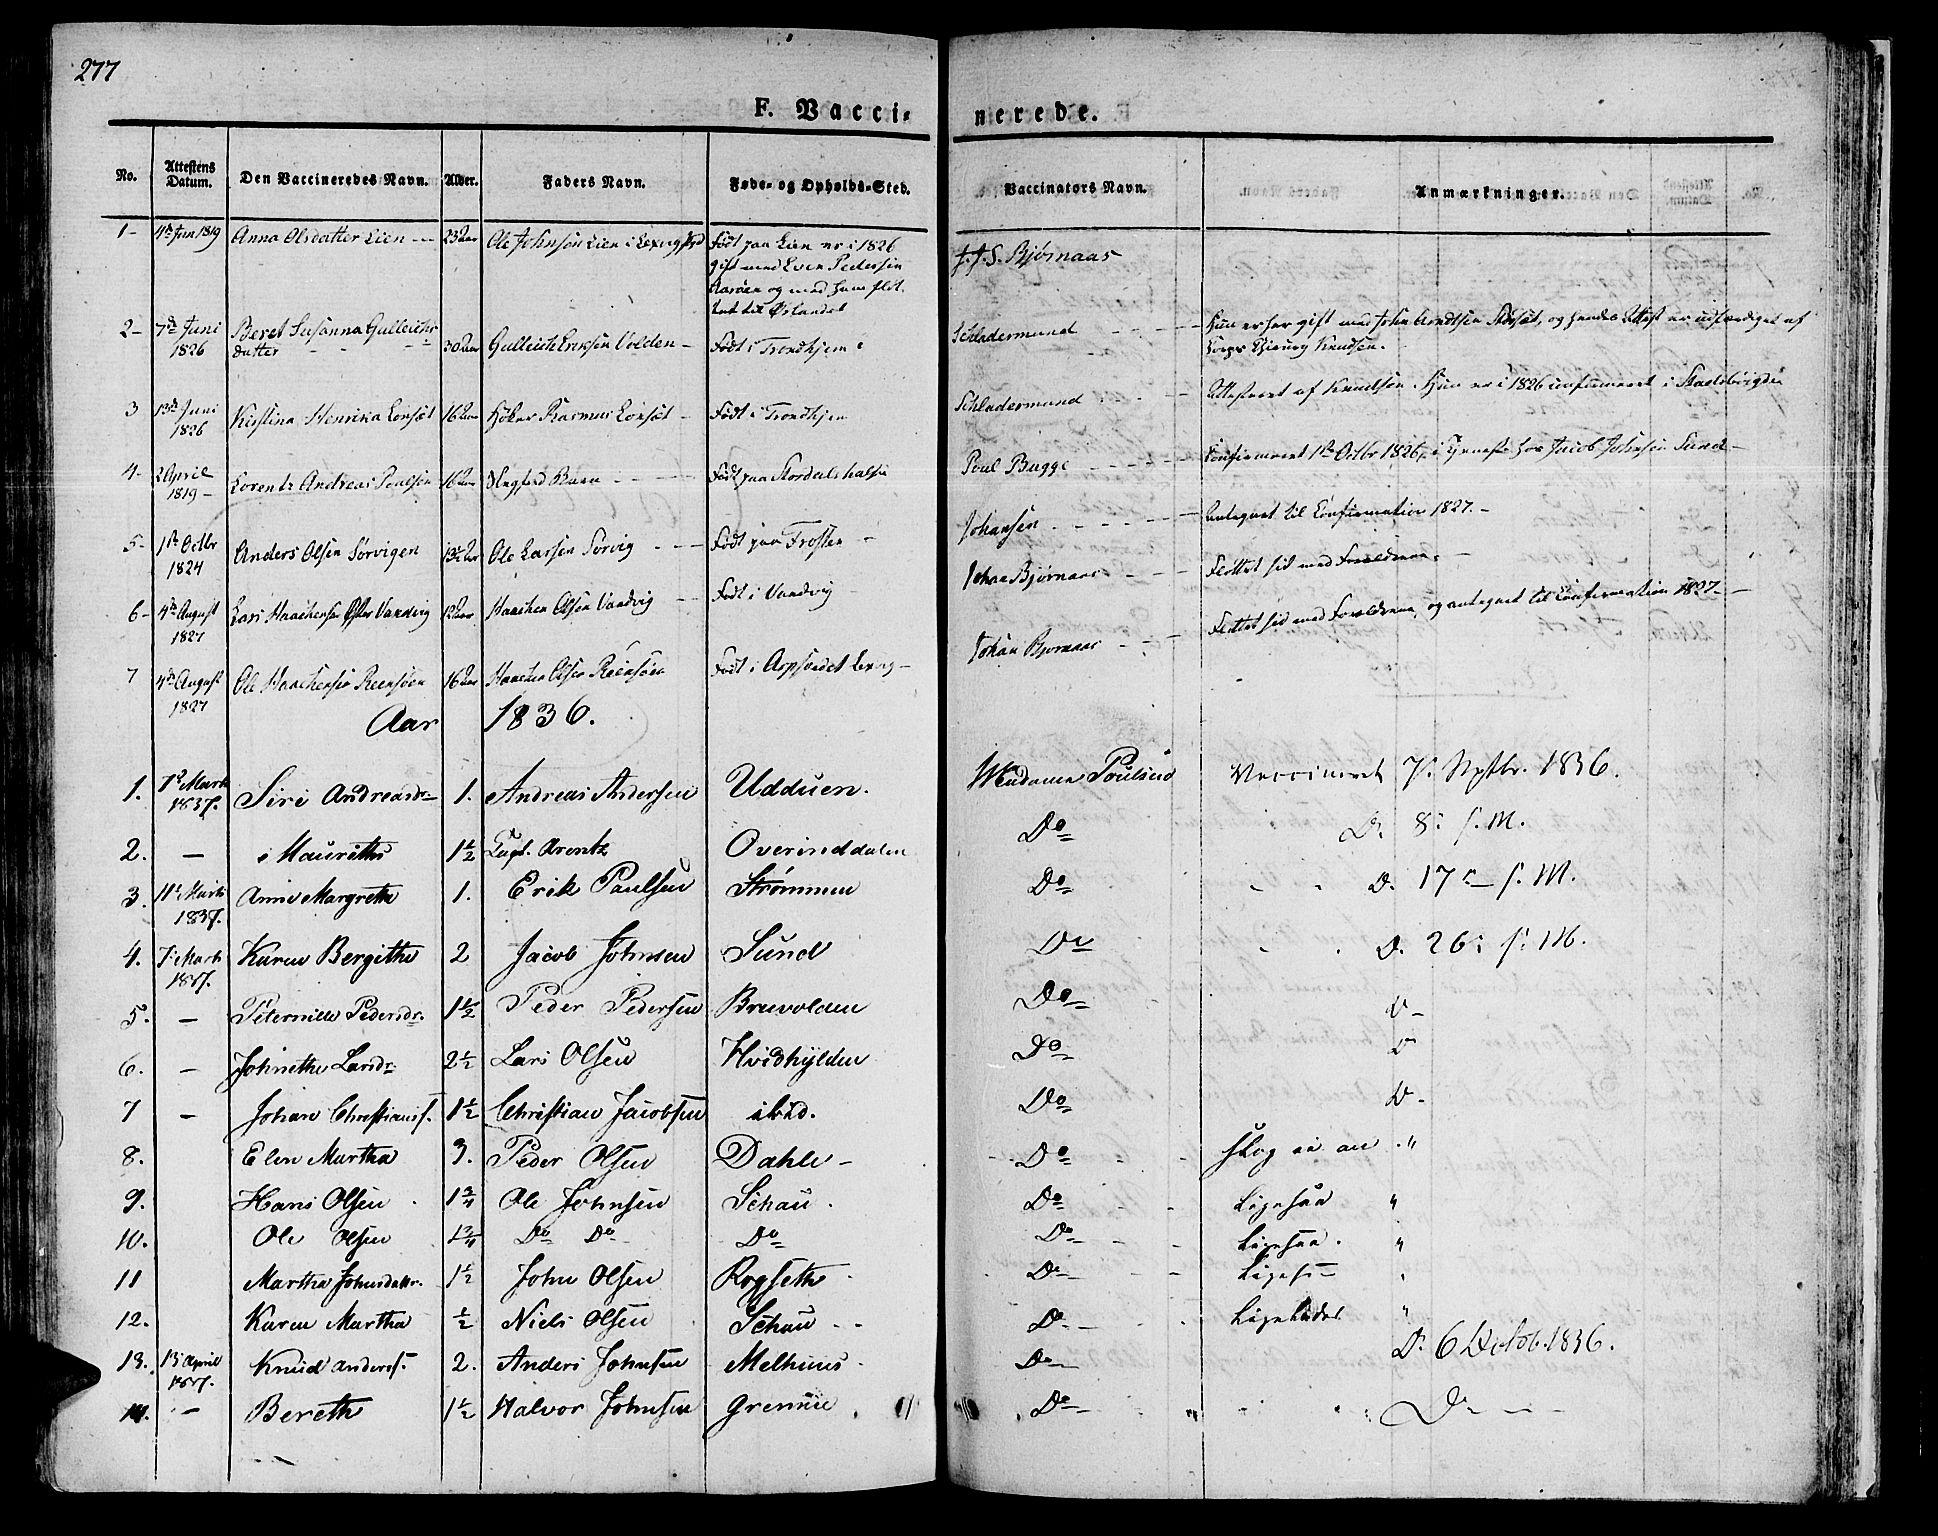 SAT, Ministerialprotokoller, klokkerbøker og fødselsregistre - Sør-Trøndelag, 646/L0609: Ministerialbok nr. 646A07, 1826-1838, s. 277